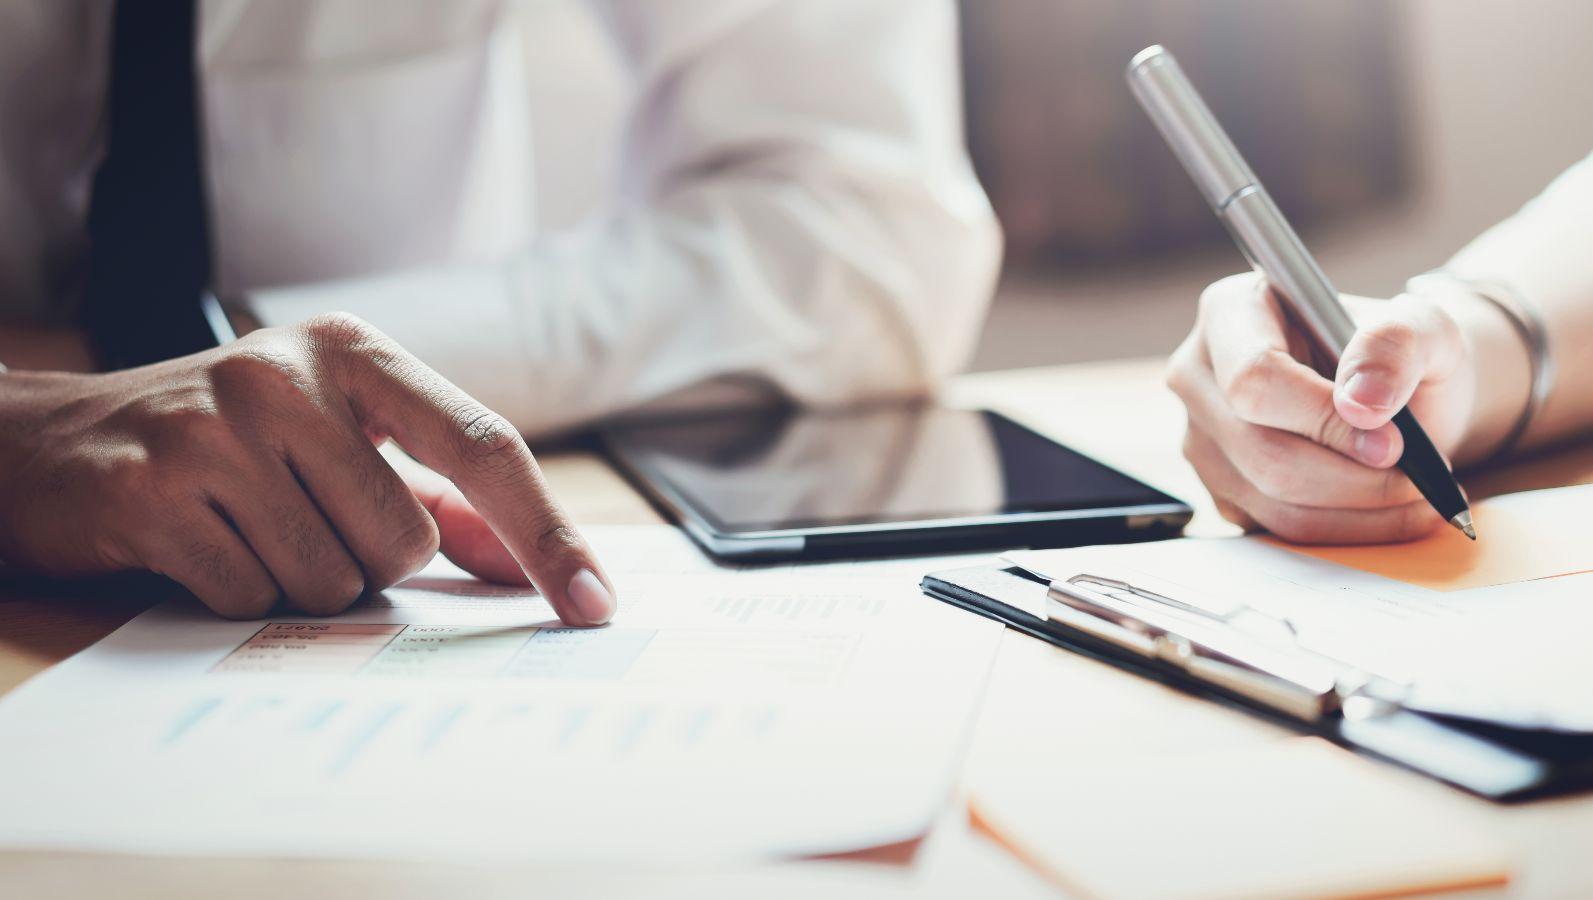 Zu sehen ist ein Schreibtisch und die Arme und der Oberkörper von zwei Personen. Eine Person hält einen Stift und schreibt auf einem Blatt Papier, die andere Person zeigt auf einem weiteren Papier auf etwas.